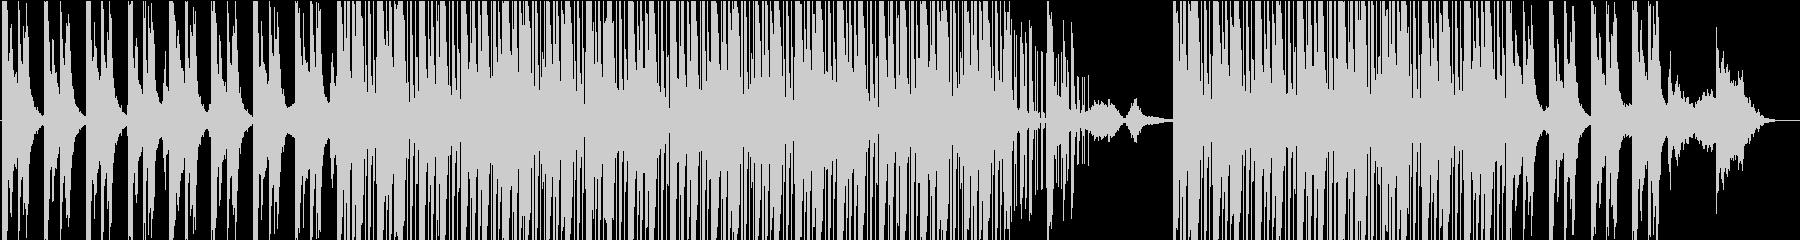 周囲のチルアウト溝。シンコペートさ...の未再生の波形